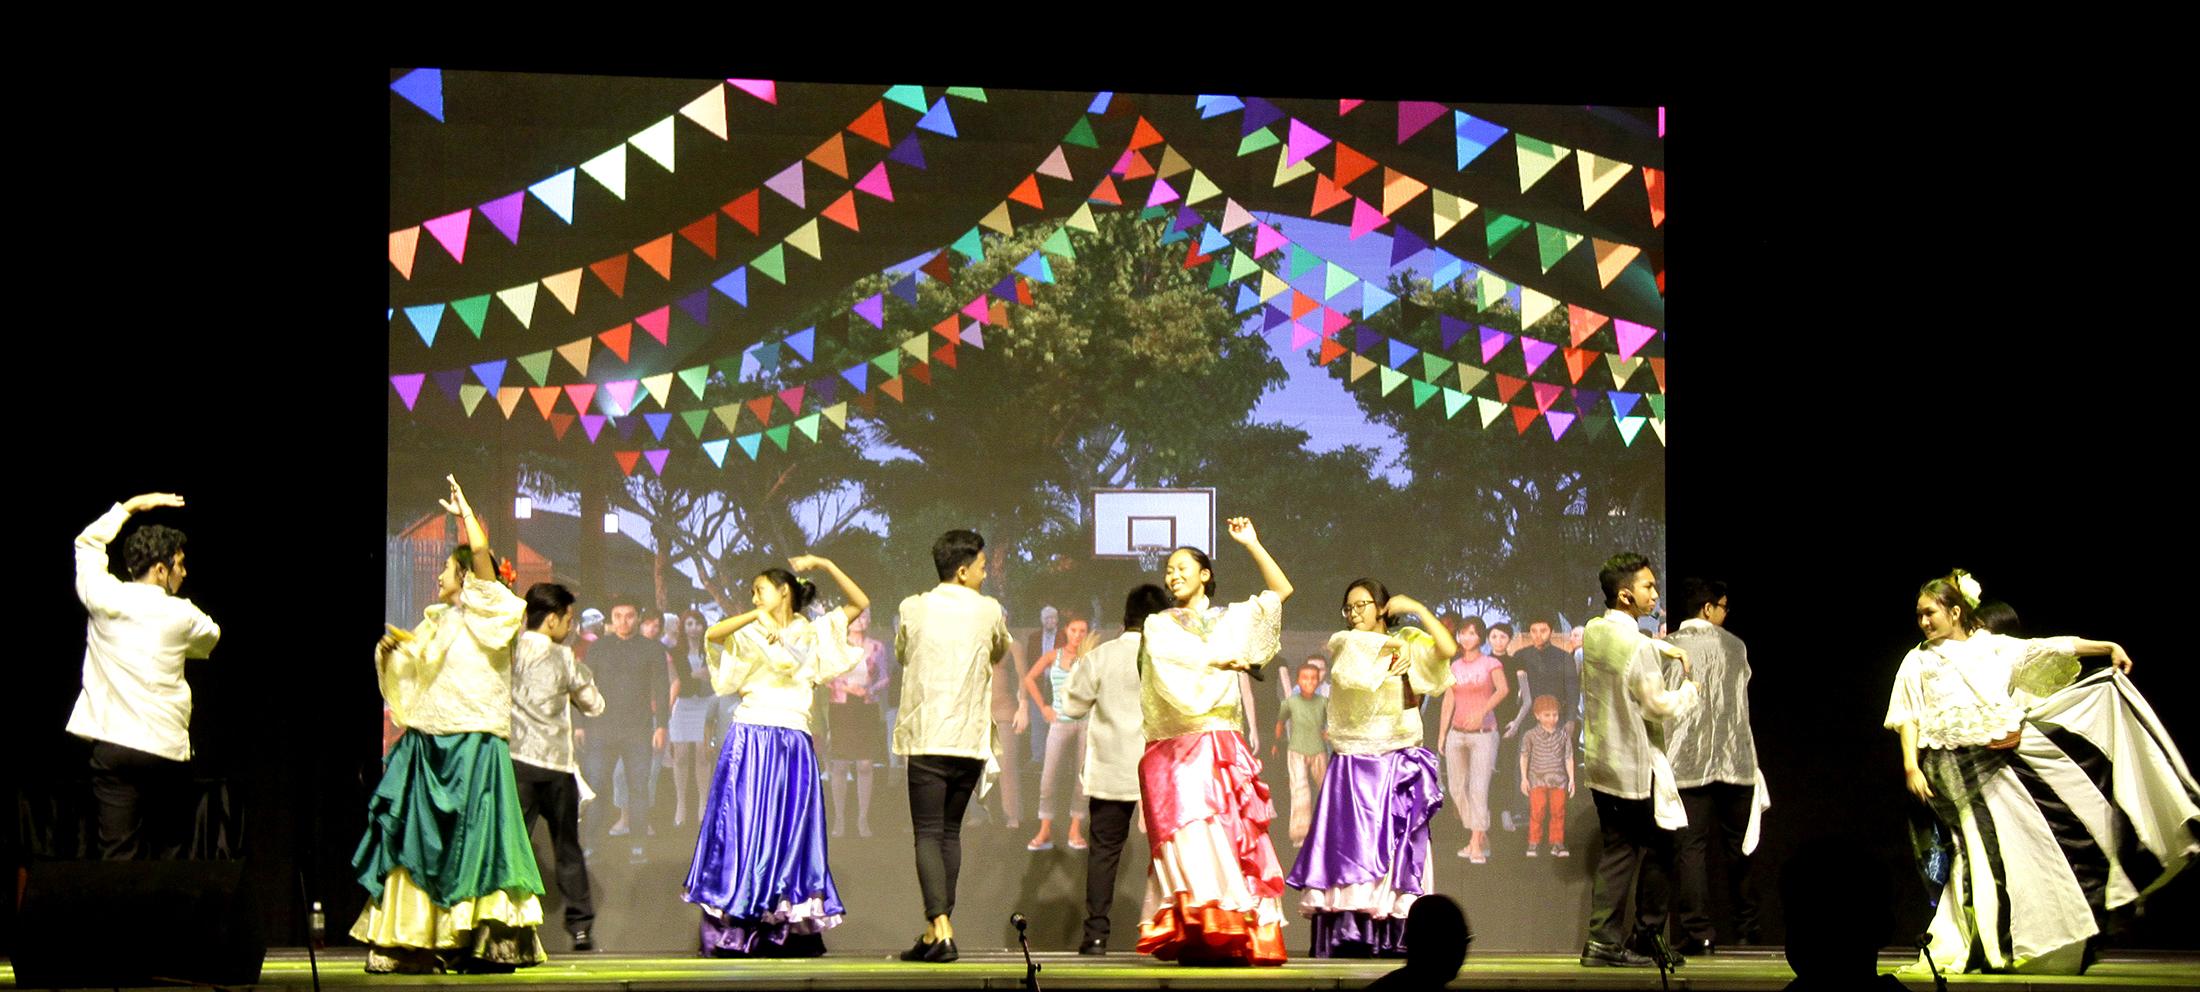 carinosa dance